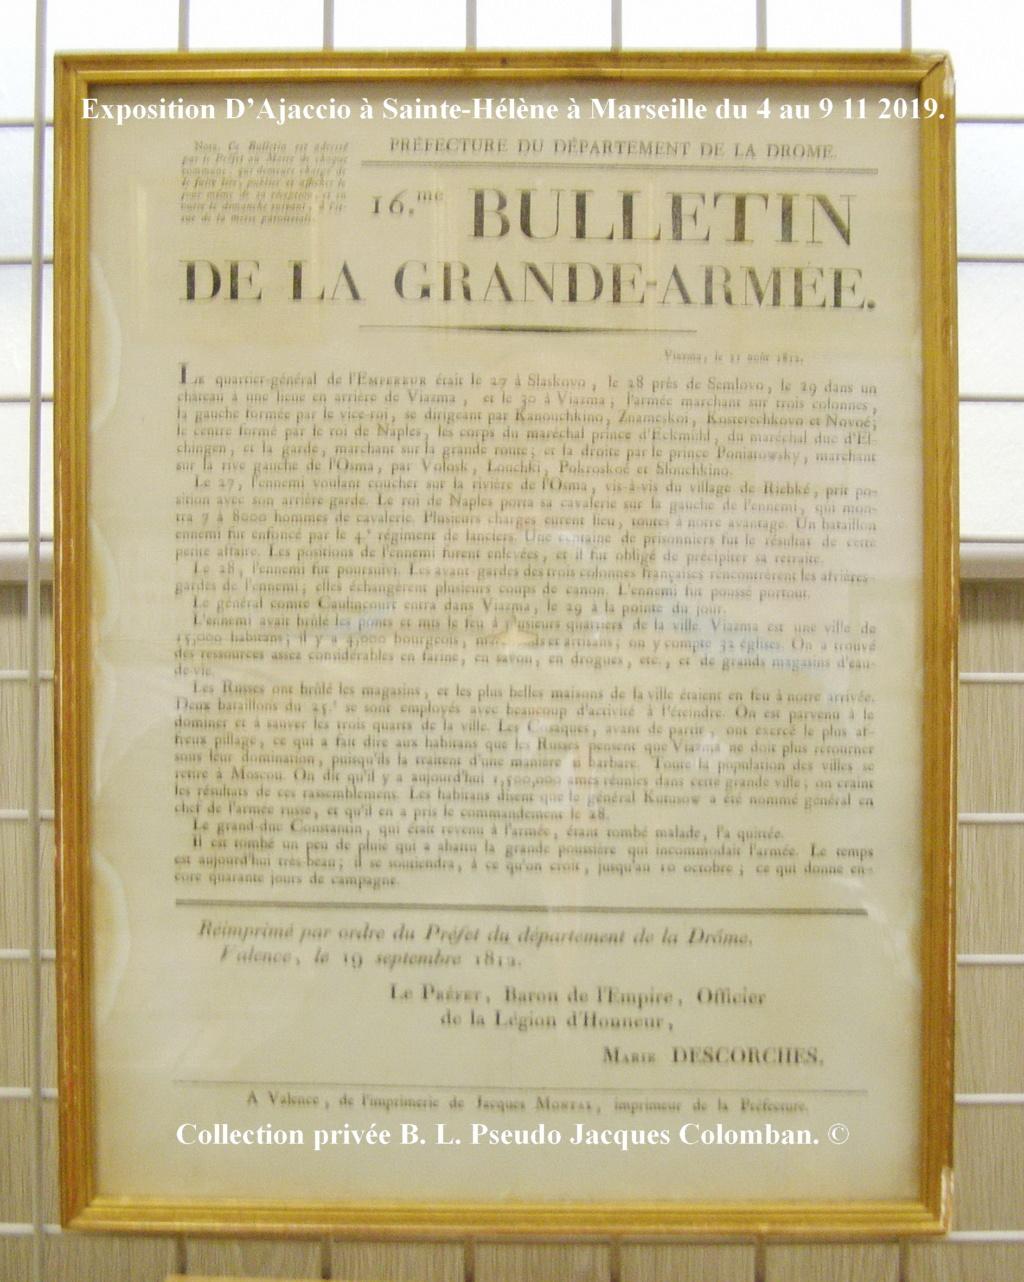 Exposition D'Ajaccio à Sainte-Hélène à Marseille. 2310